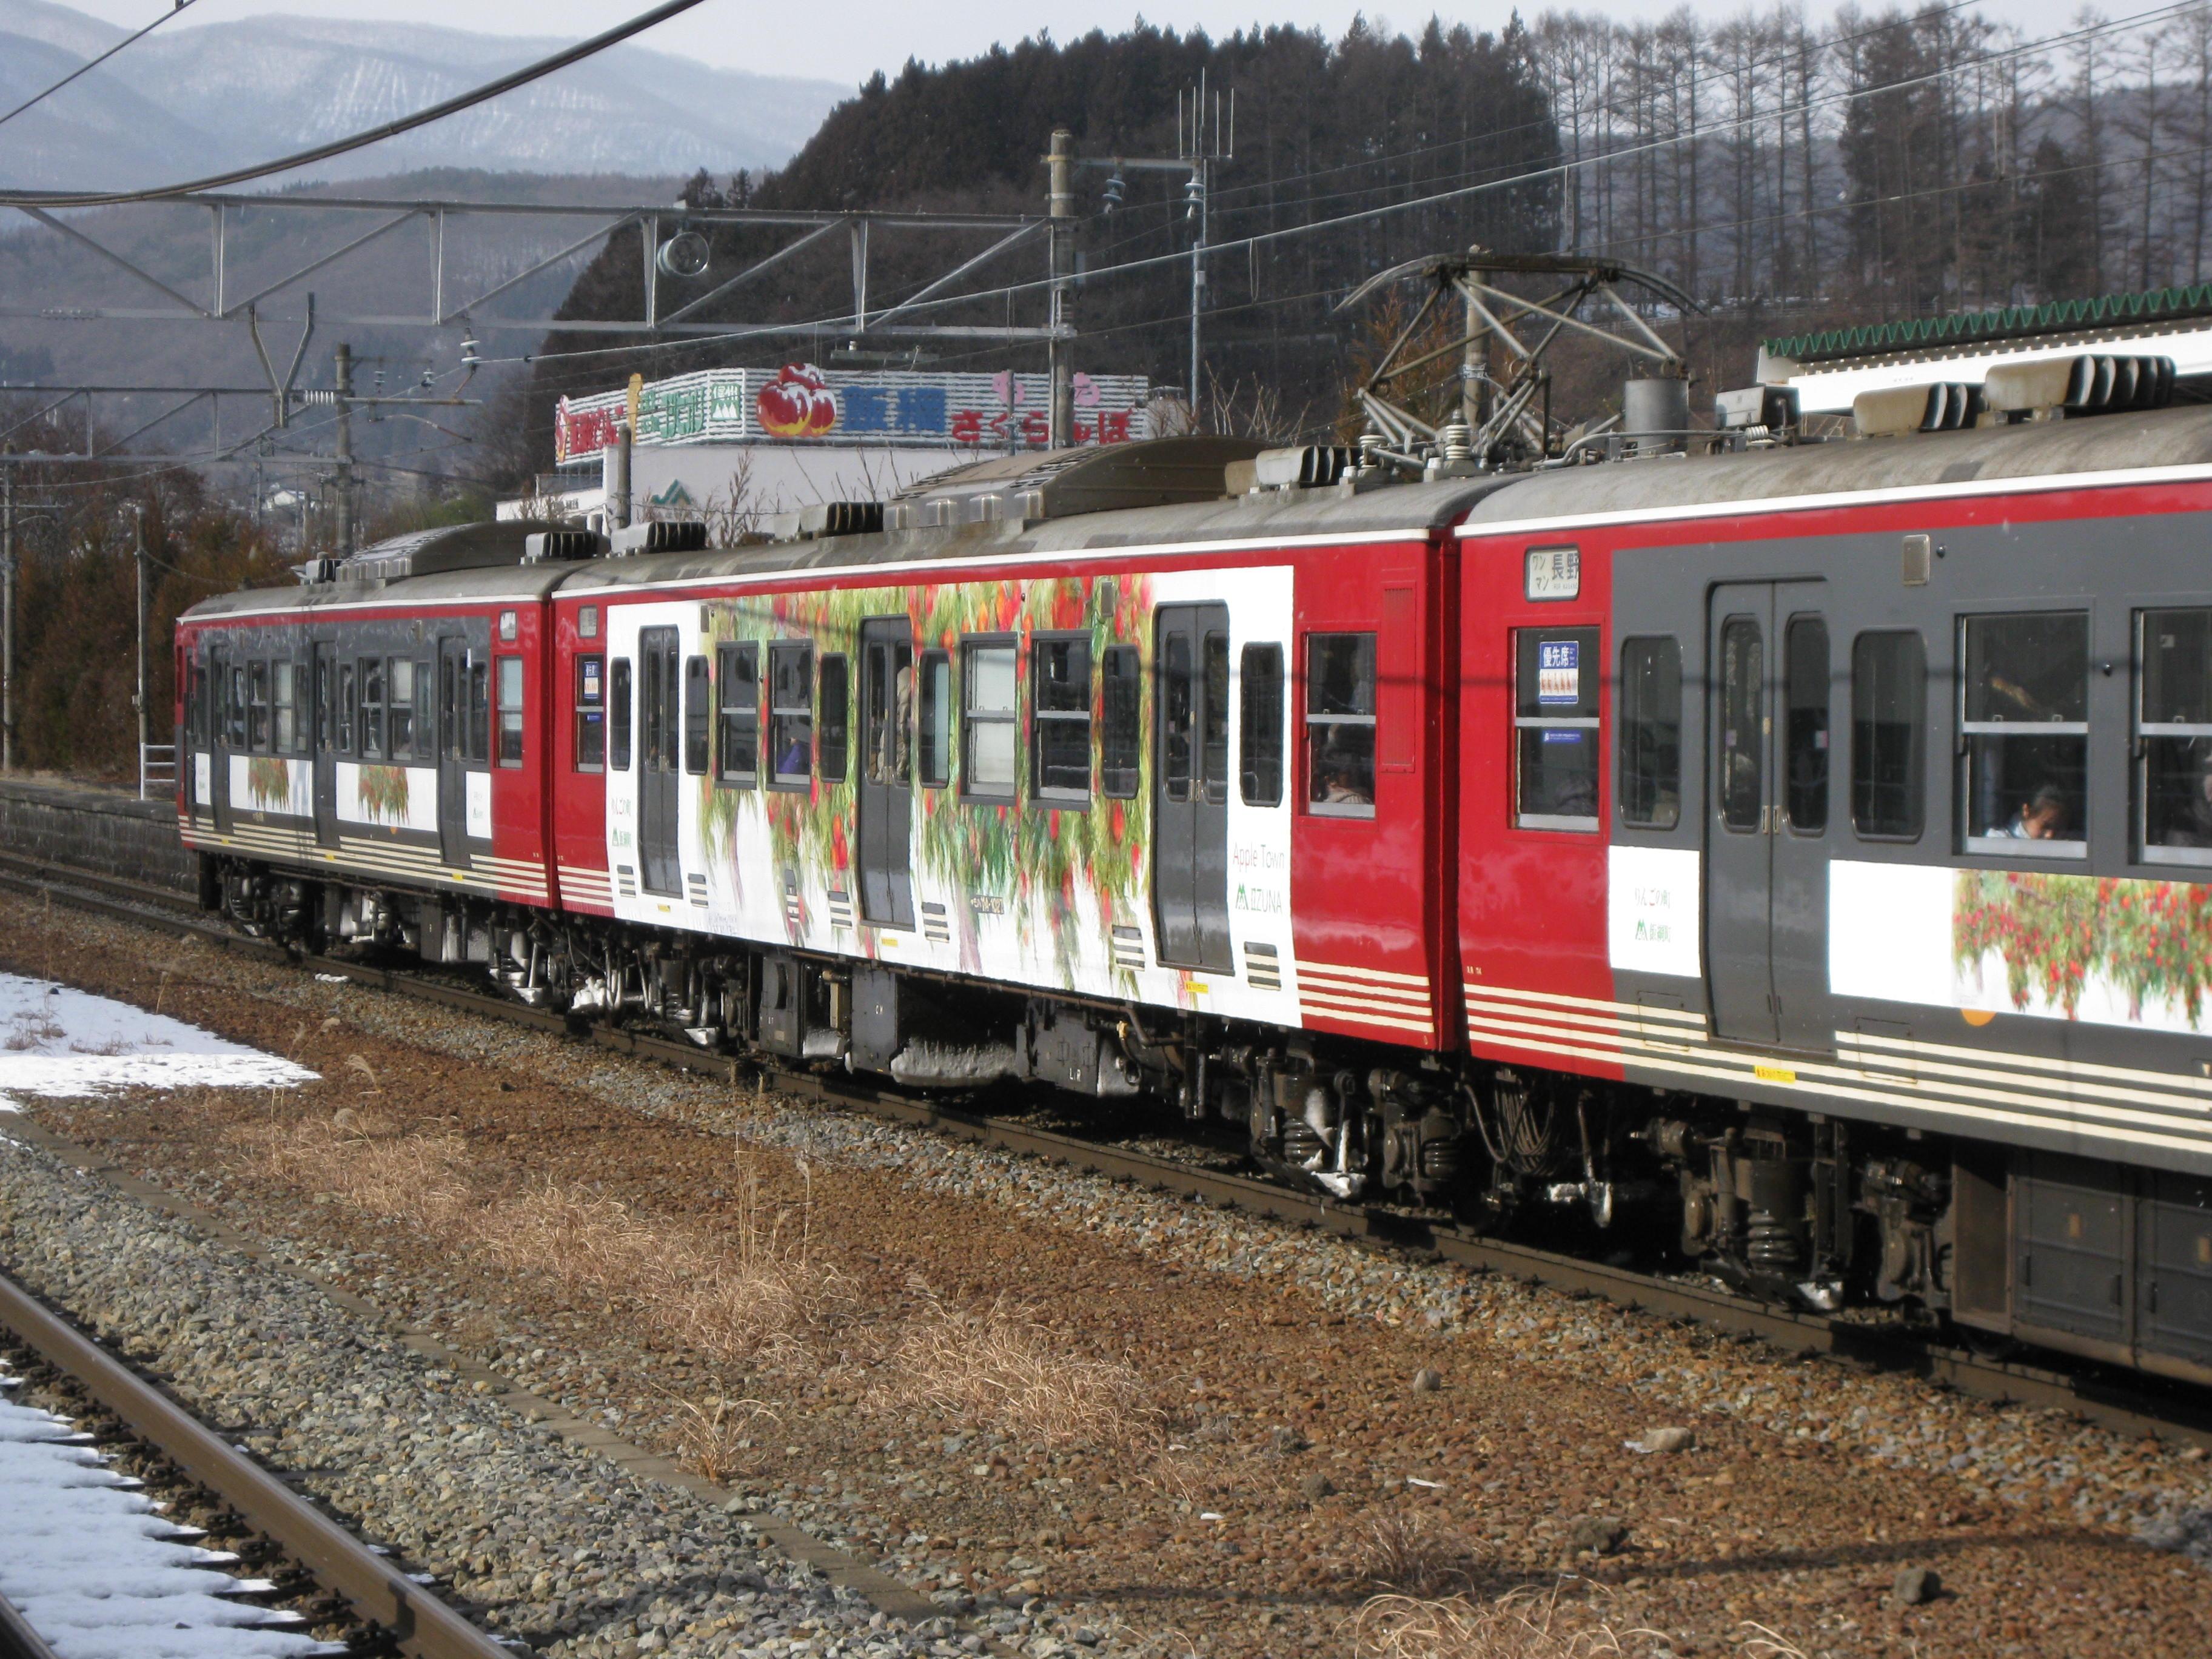 「イイヅナのリンゴ」ラッピング列車運行開始!